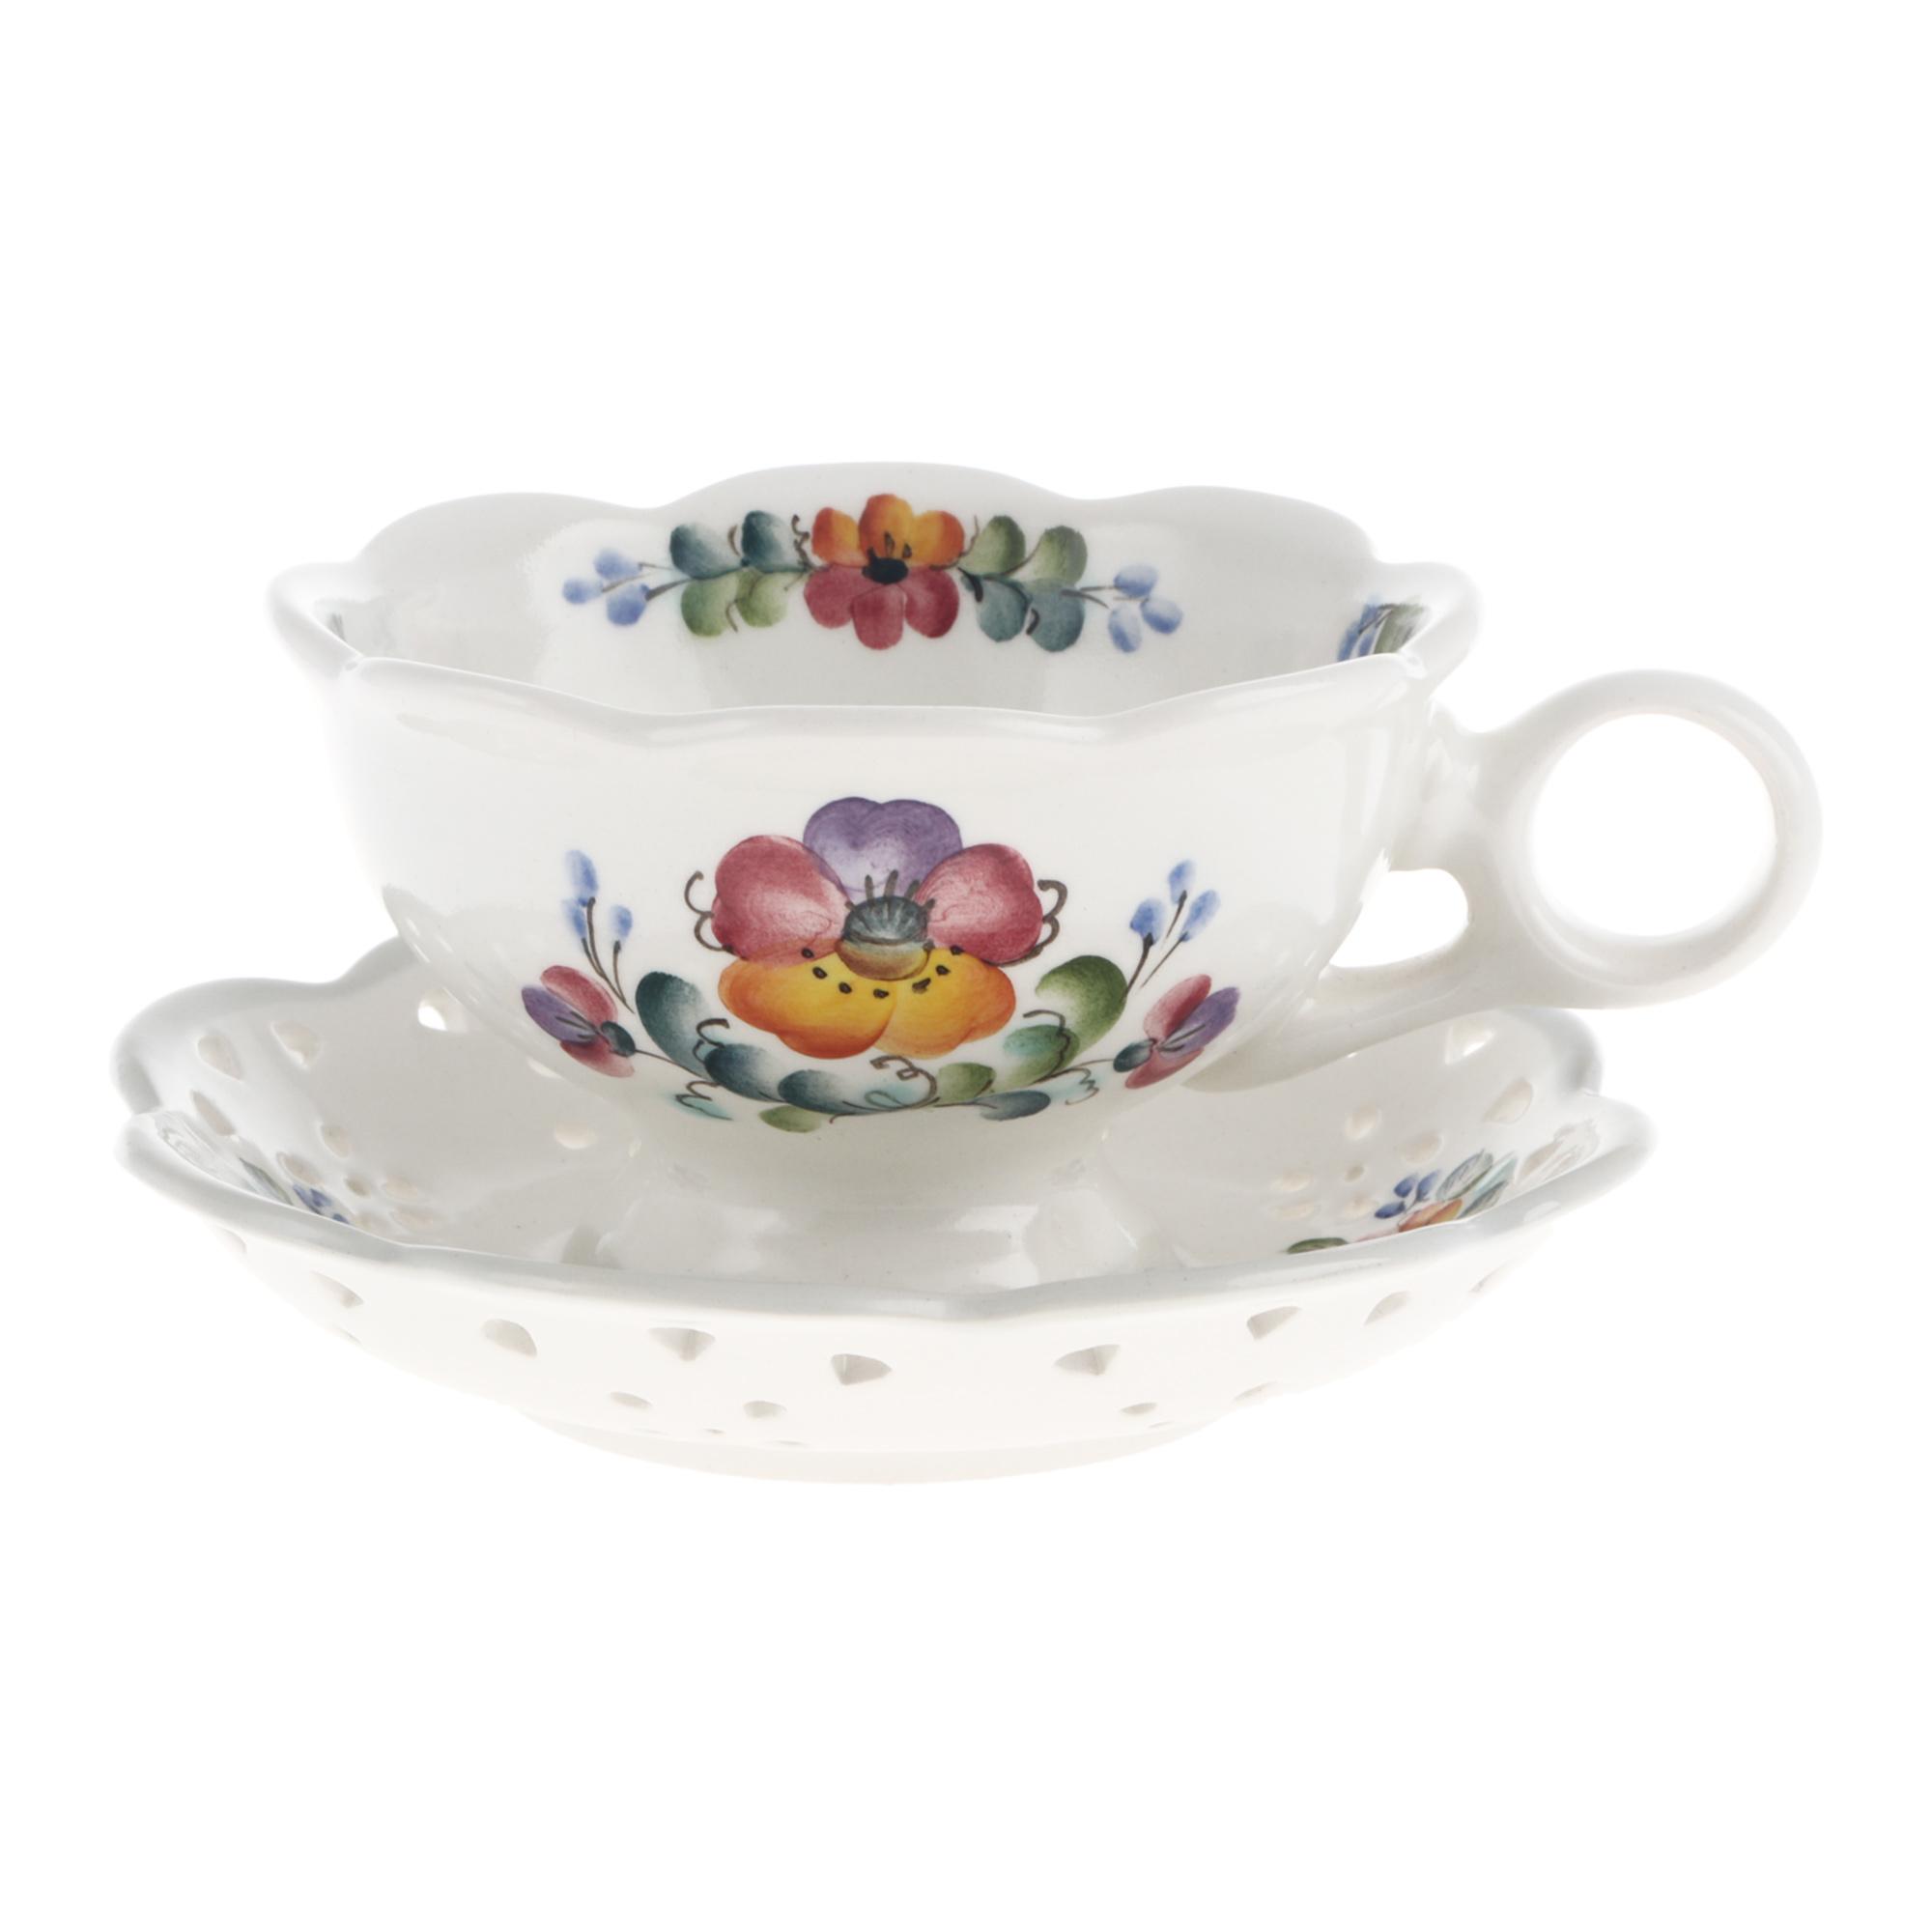 Фото - Чайная пара Семикаракорская керамика 250 мл чайная пара mercury 150 мл керамика